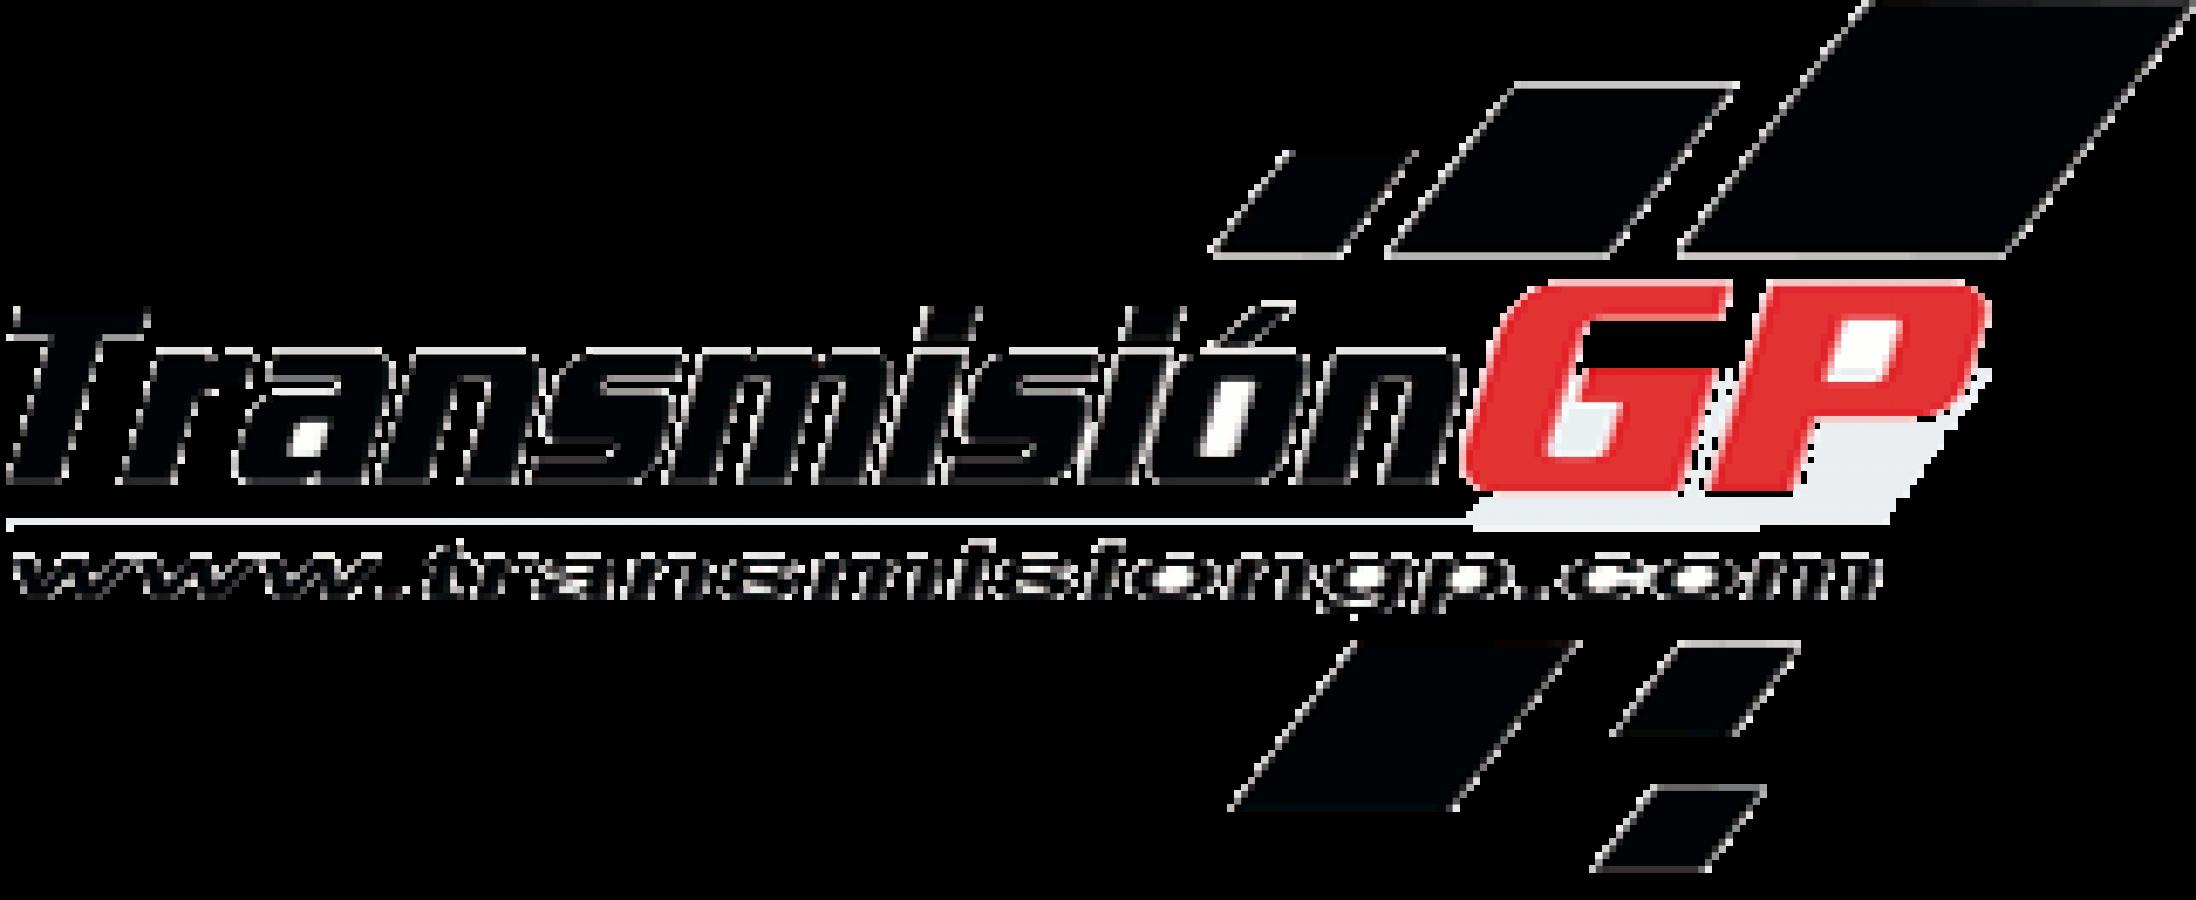 RAMON-1.0T-GDI